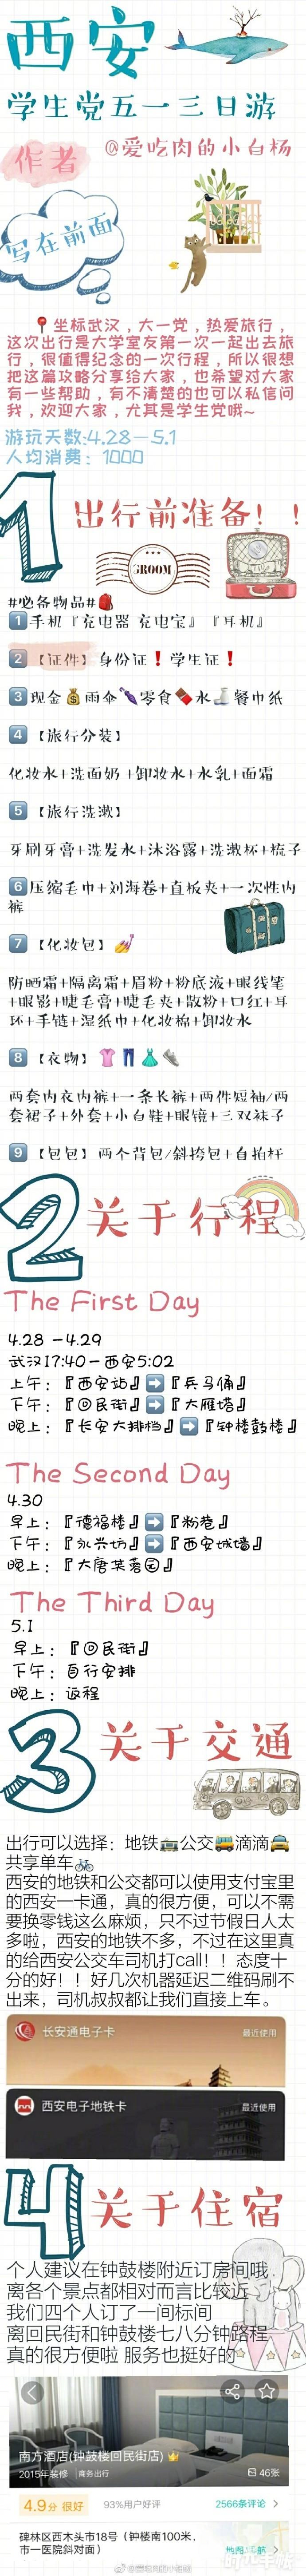 学生党西安三日游